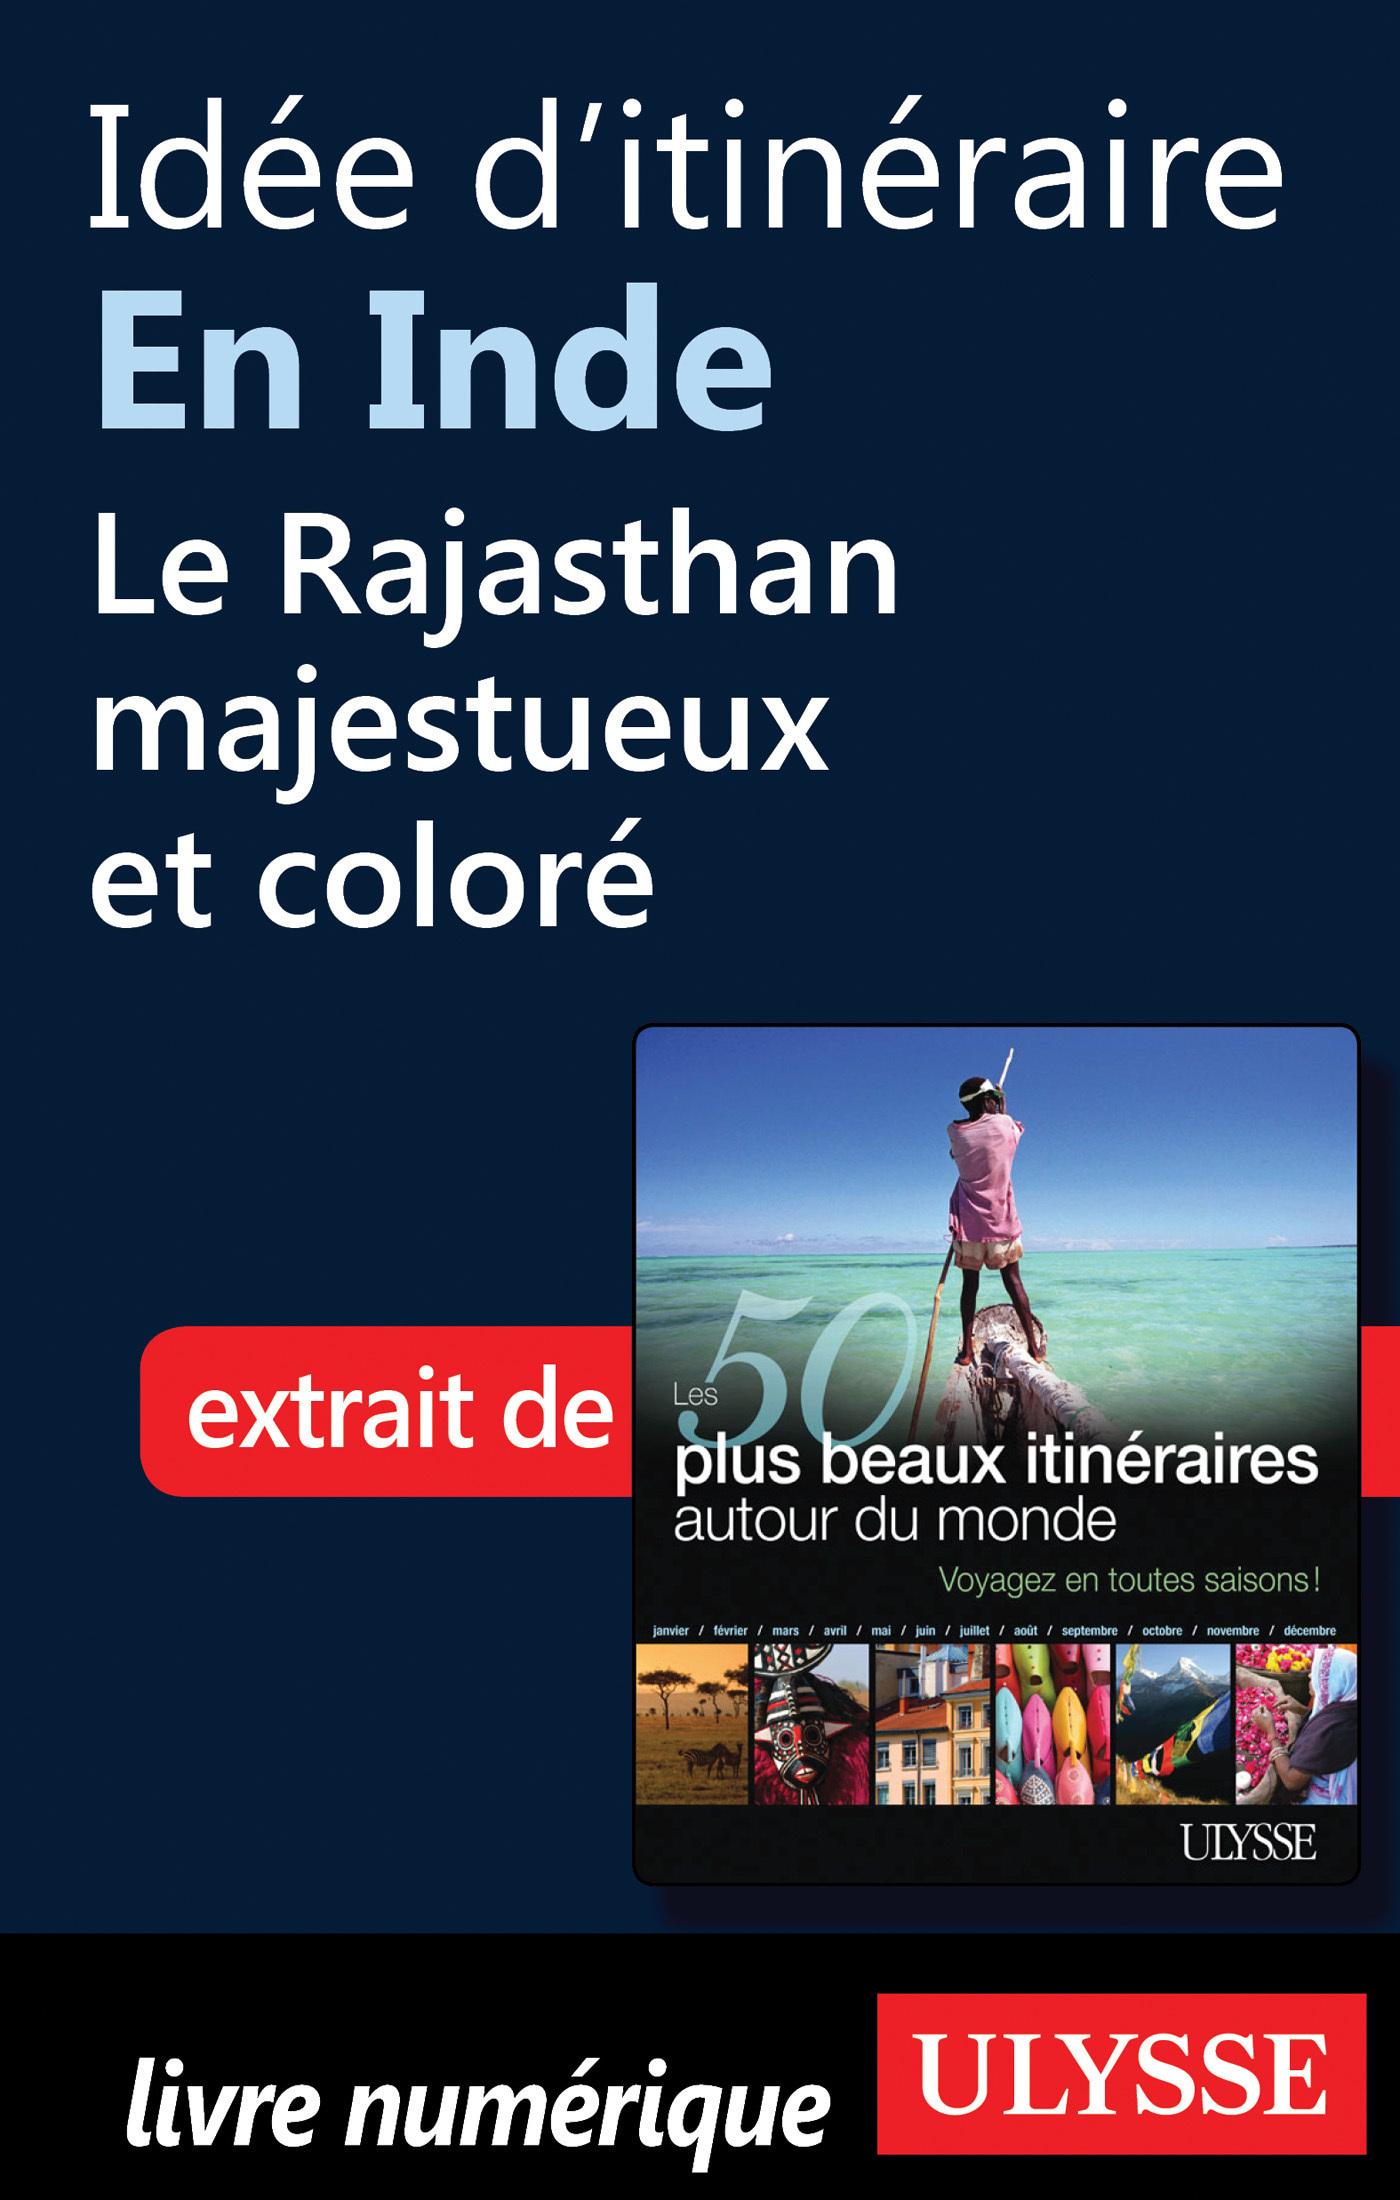 Idée d'itinéraire en Inde: Le Rajasthan majestueux et coloré